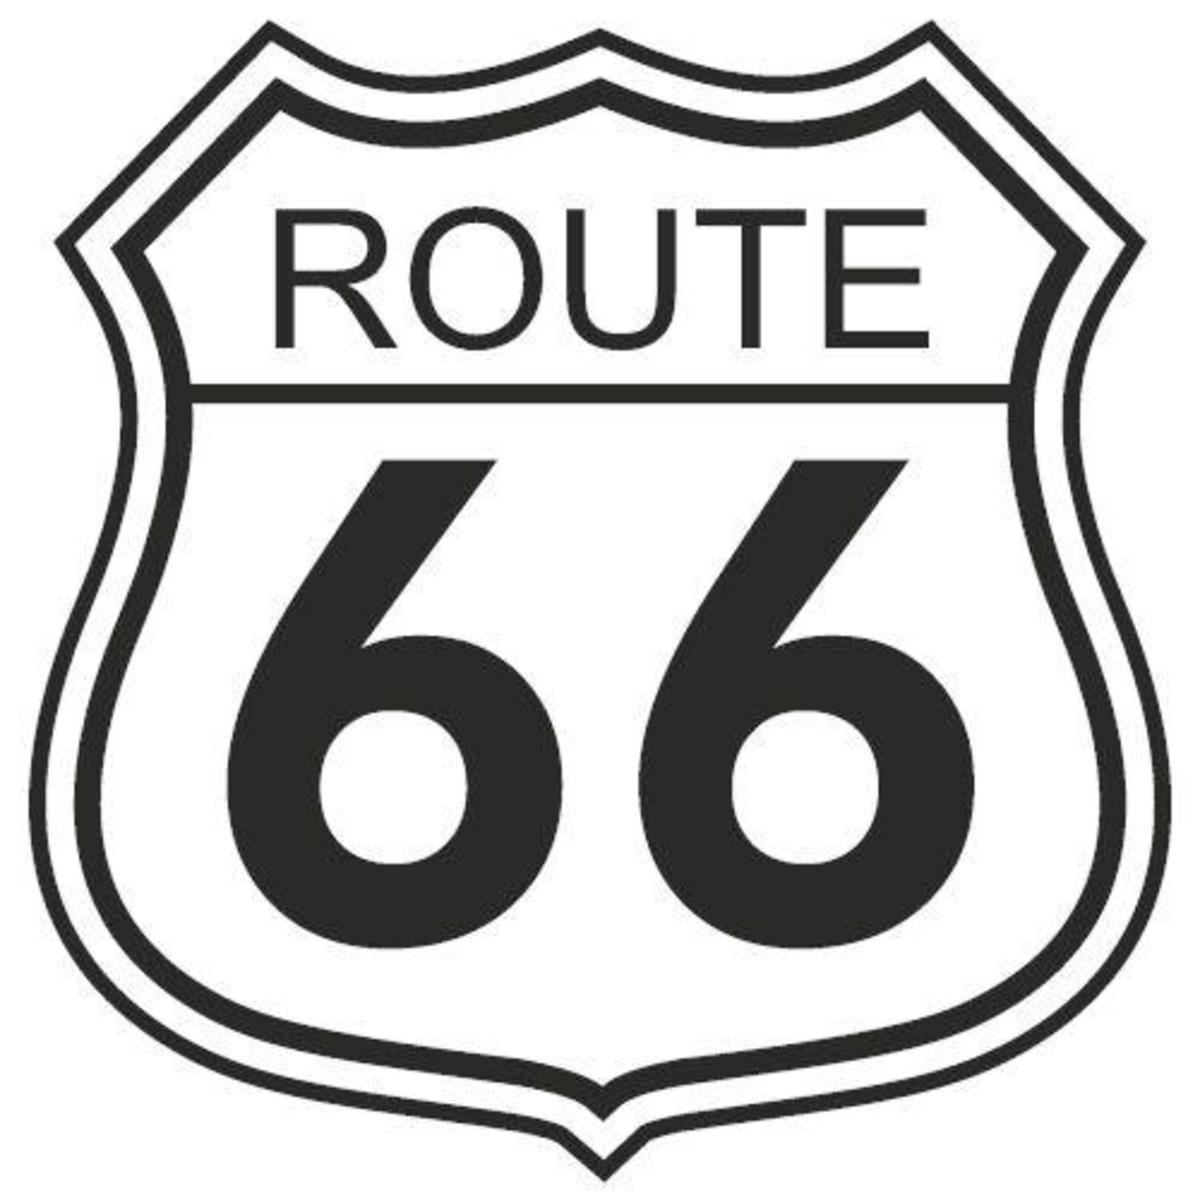 Adesivo De Parede Route 66 No Elo7